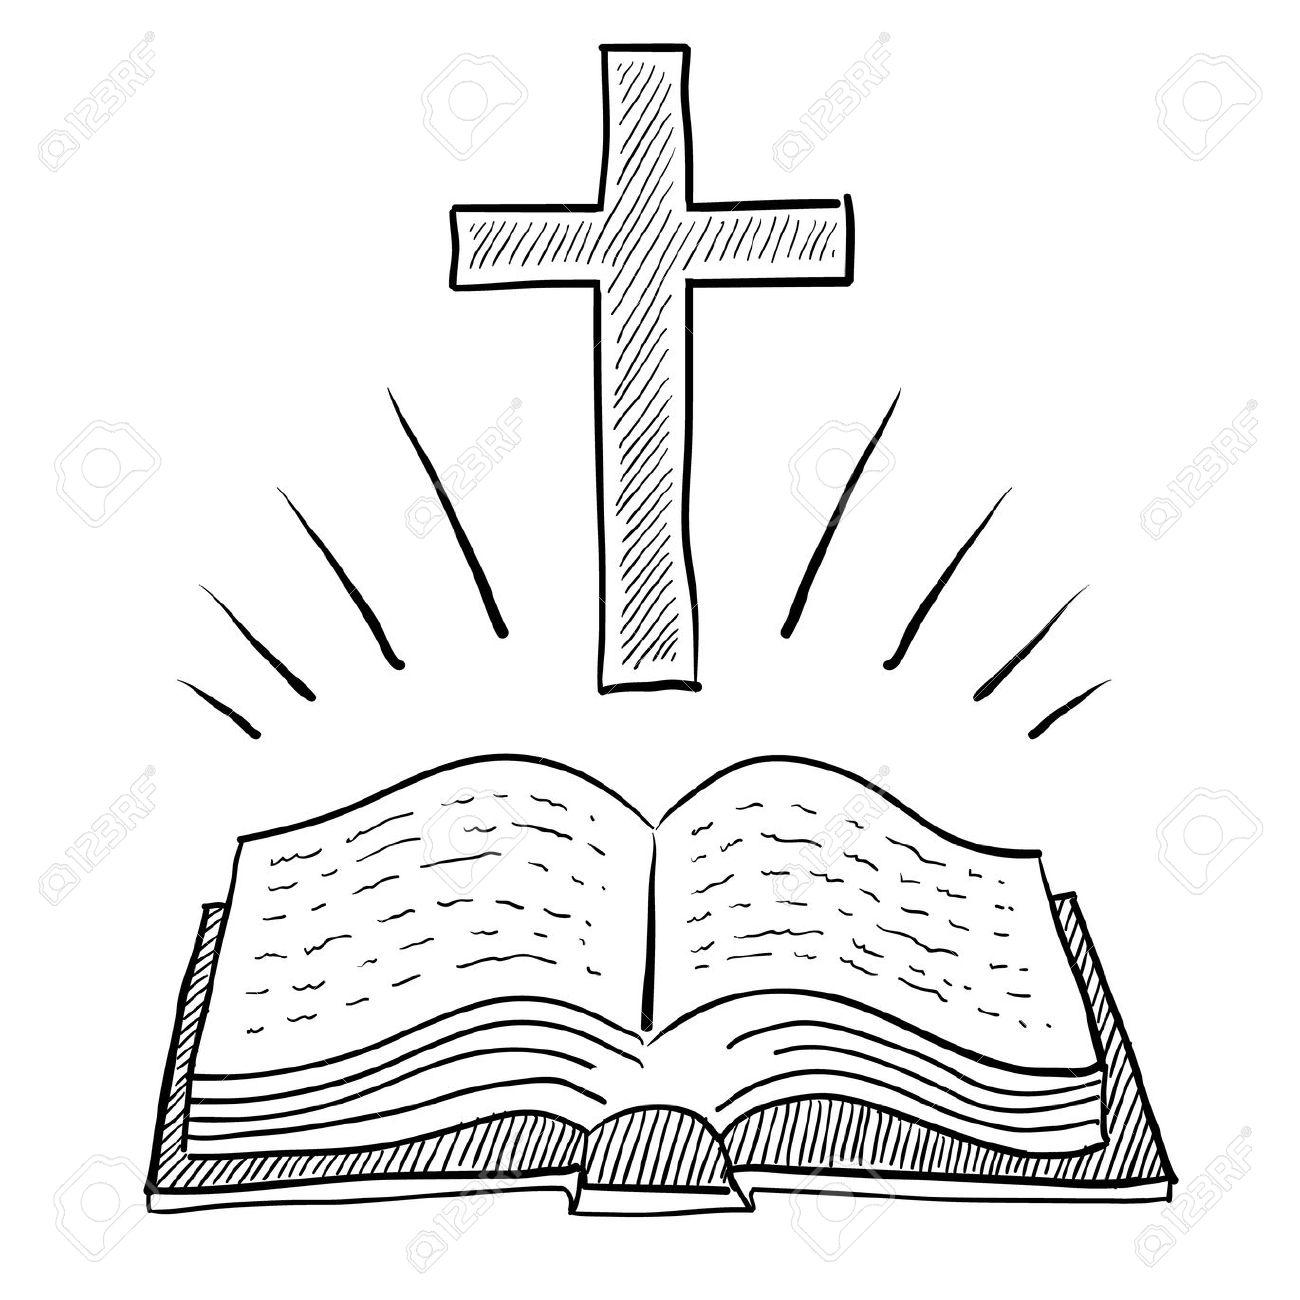 落書き様式聖書またはキリスト教のクロス ベクトル イラスト本 の写真